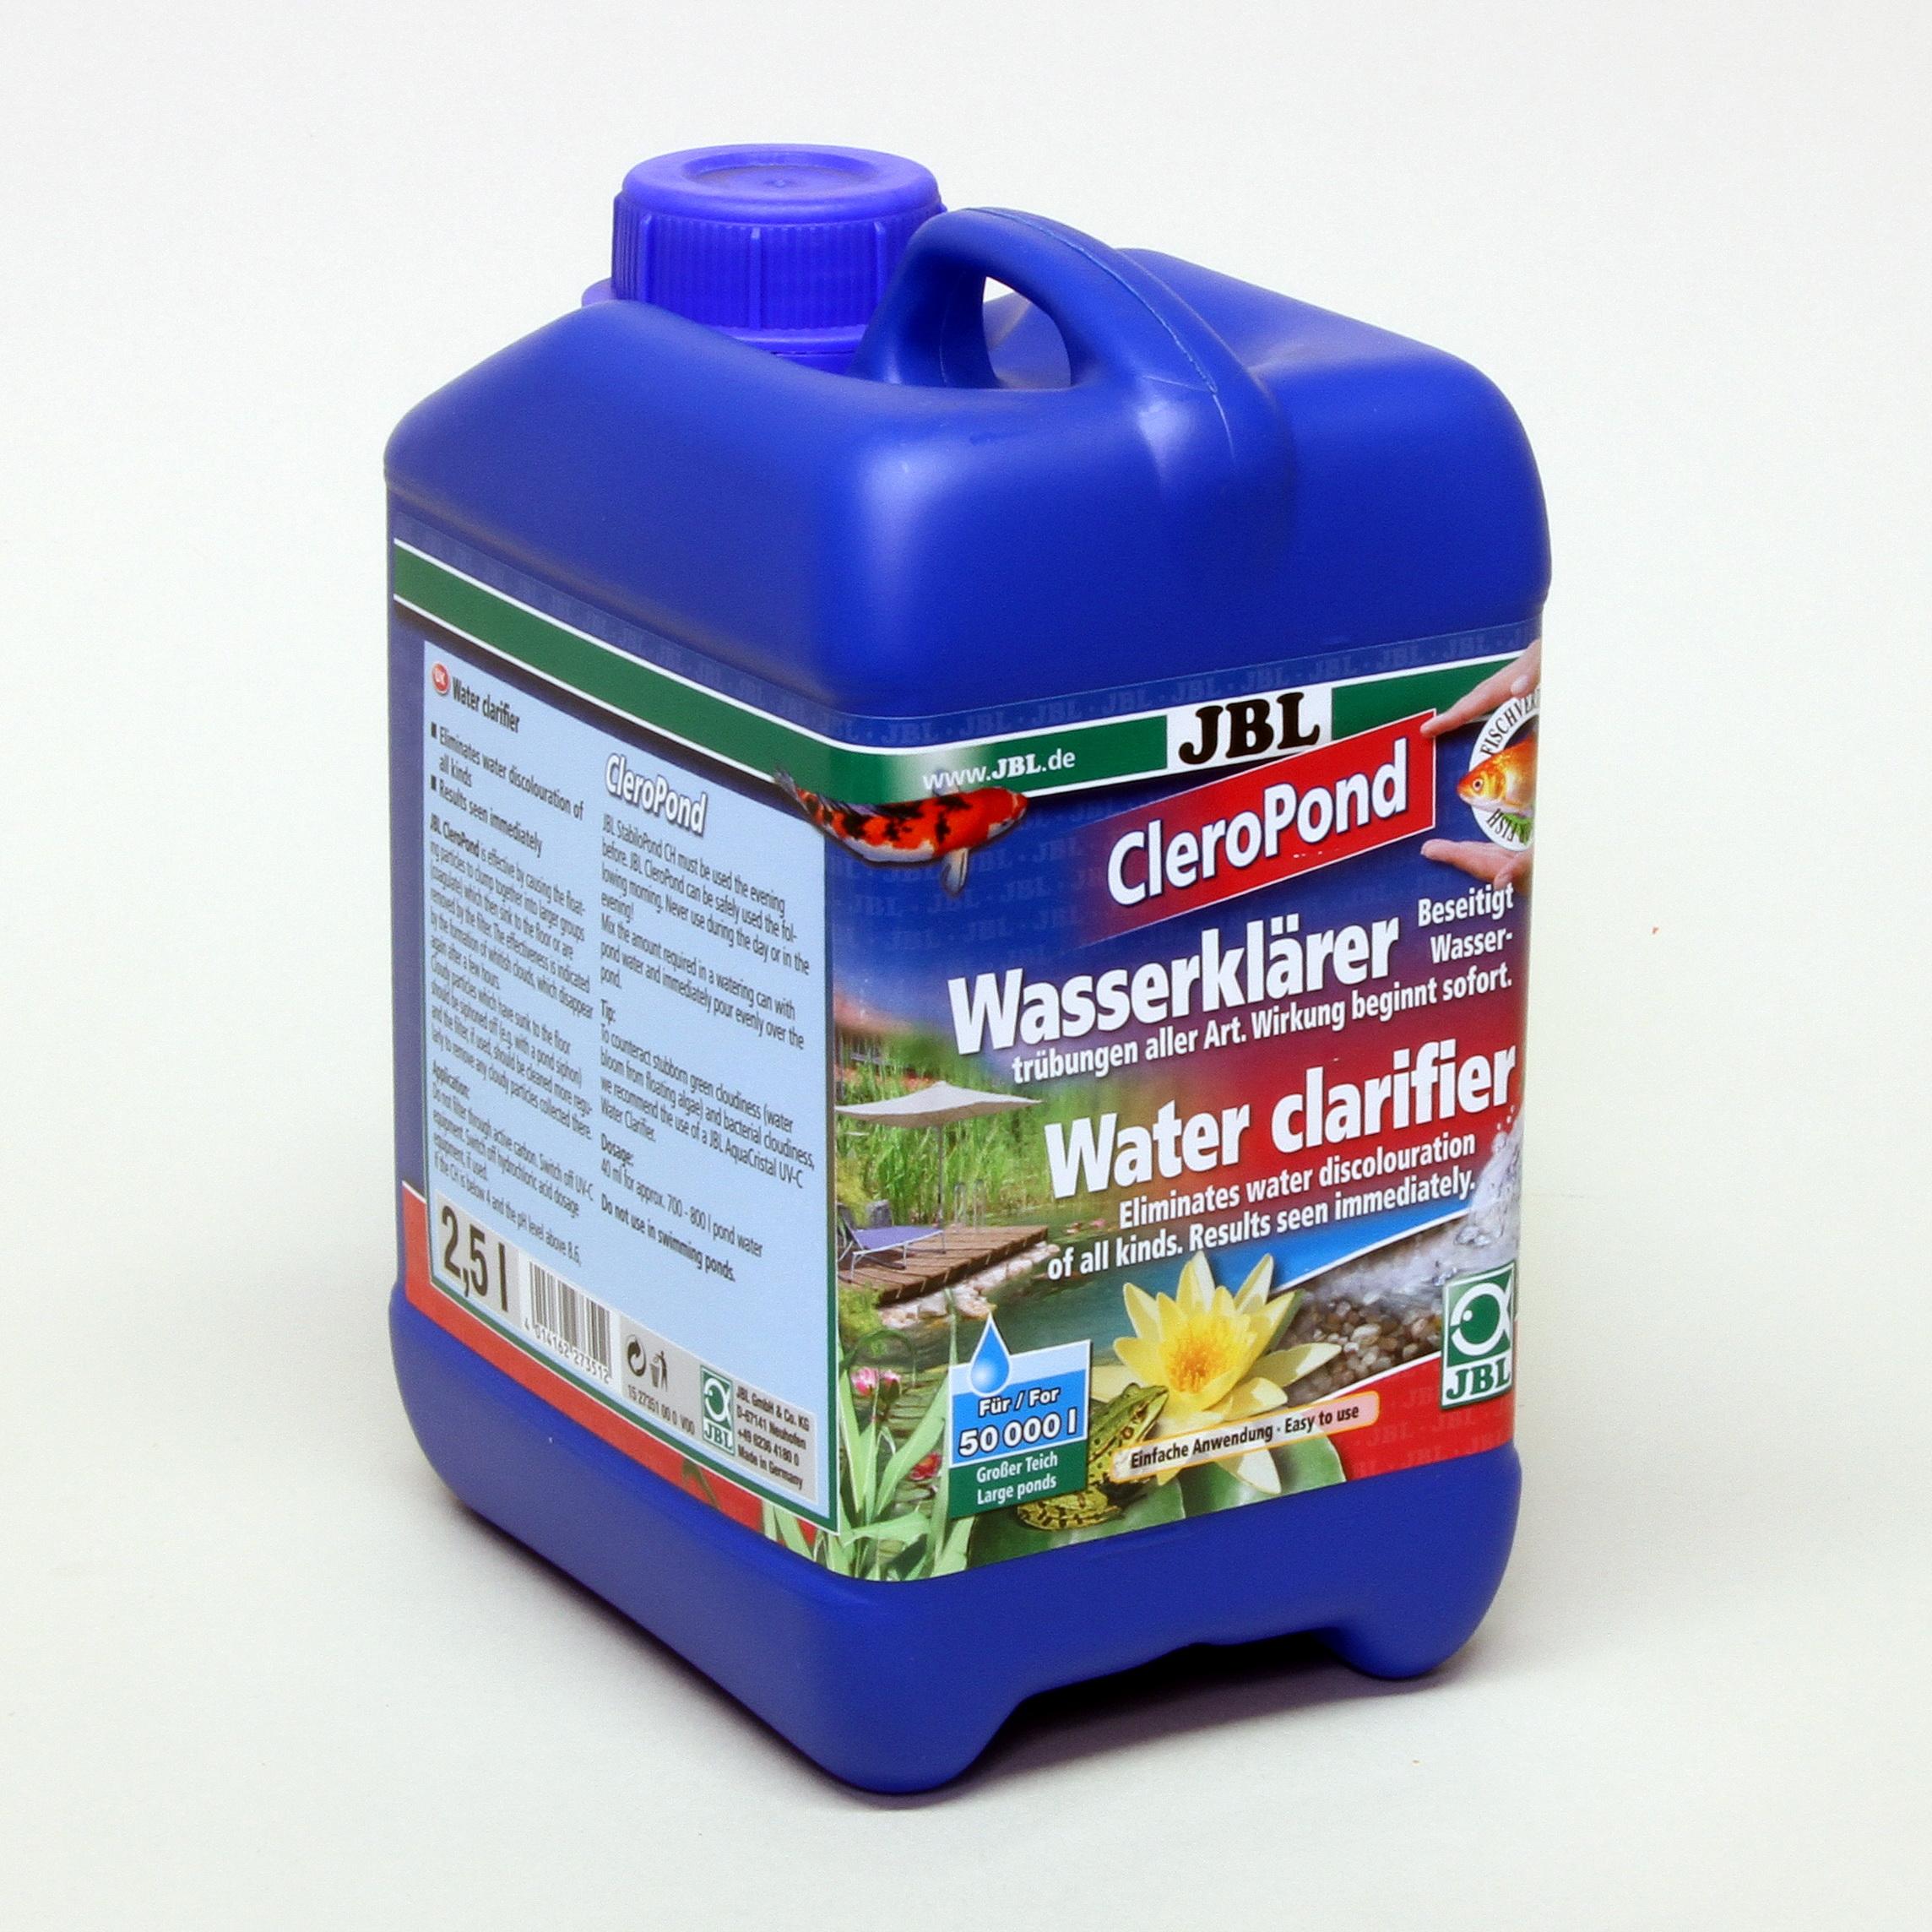 JBL CleroPond 2,5 l Wasserklärer bei Wassertrübungen für Gartenteiche